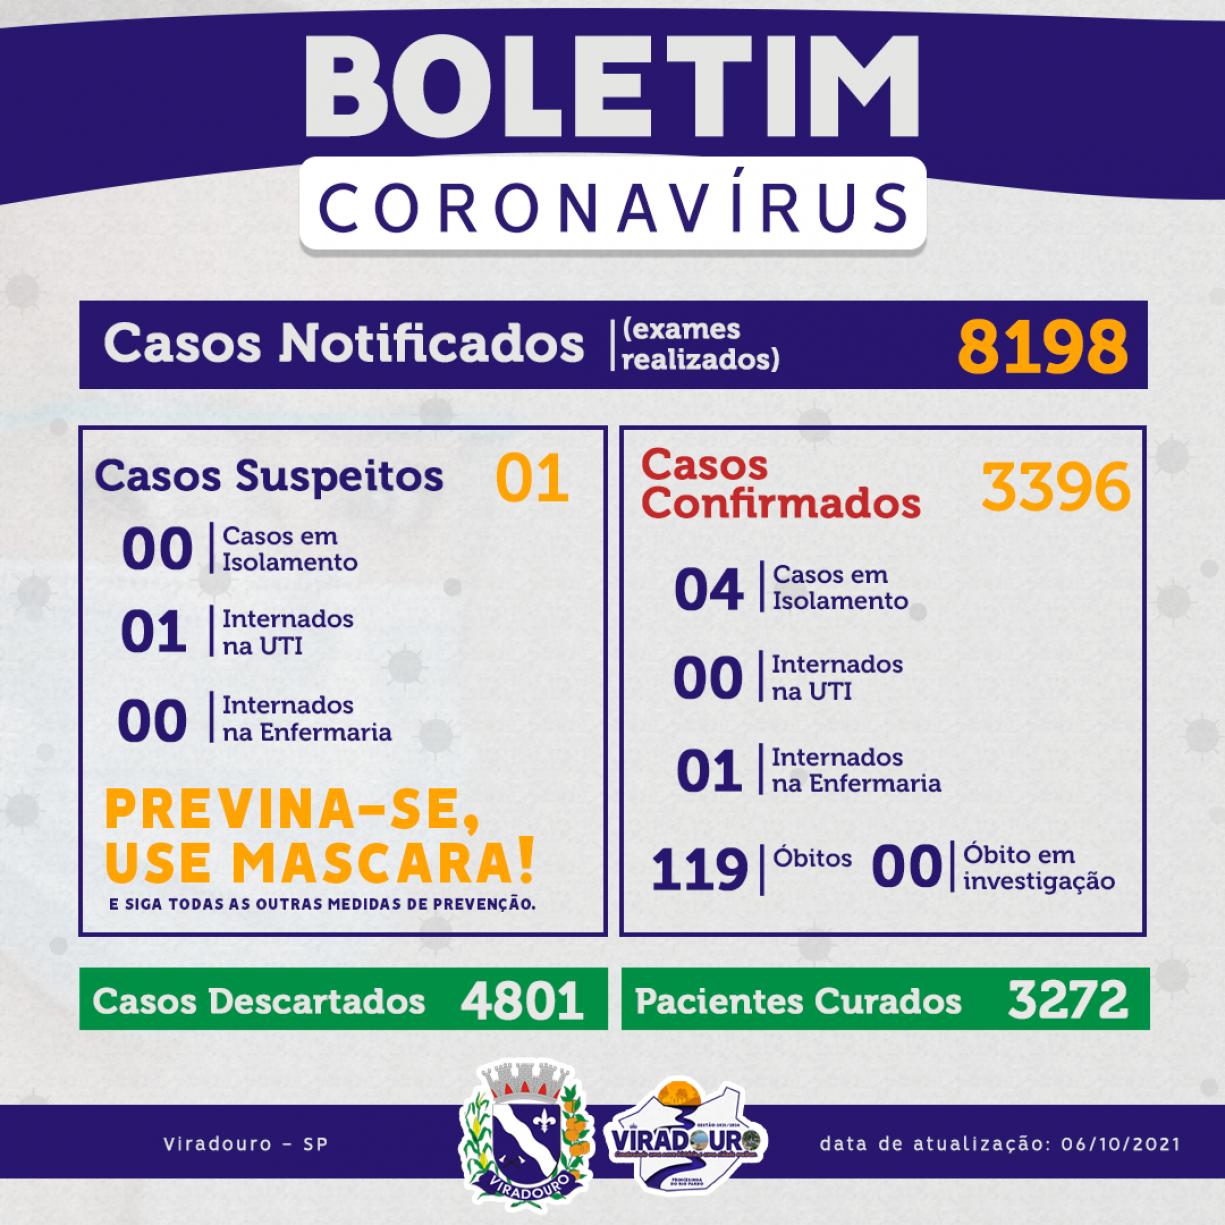 CORONAVÍRUS: BOLETIM EPIDEMIOLÓGICO (ATUALIZAÇÃO 06/10/2021)